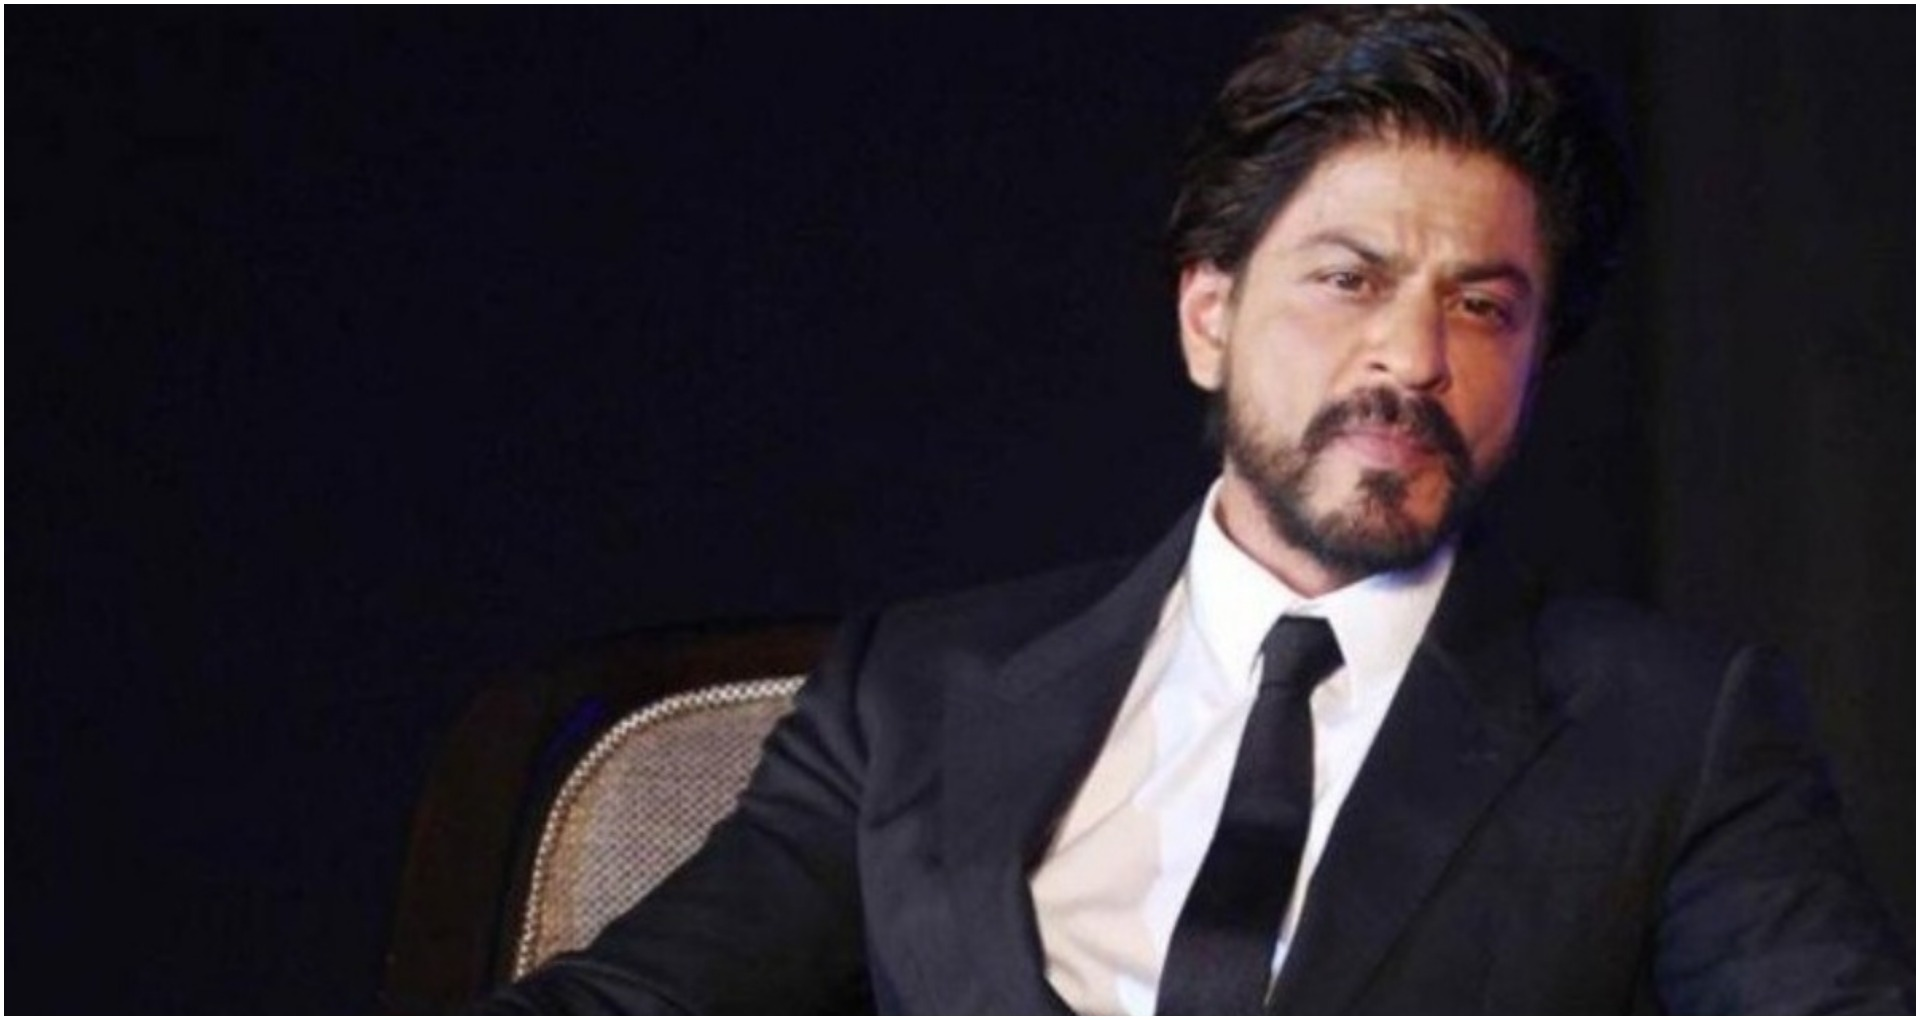 शाहरुख खान की थ्रोबैक तस्वीर हो रही है वायरल, शाहरुख़ मूंछों और लंबे बालों में आए नजर